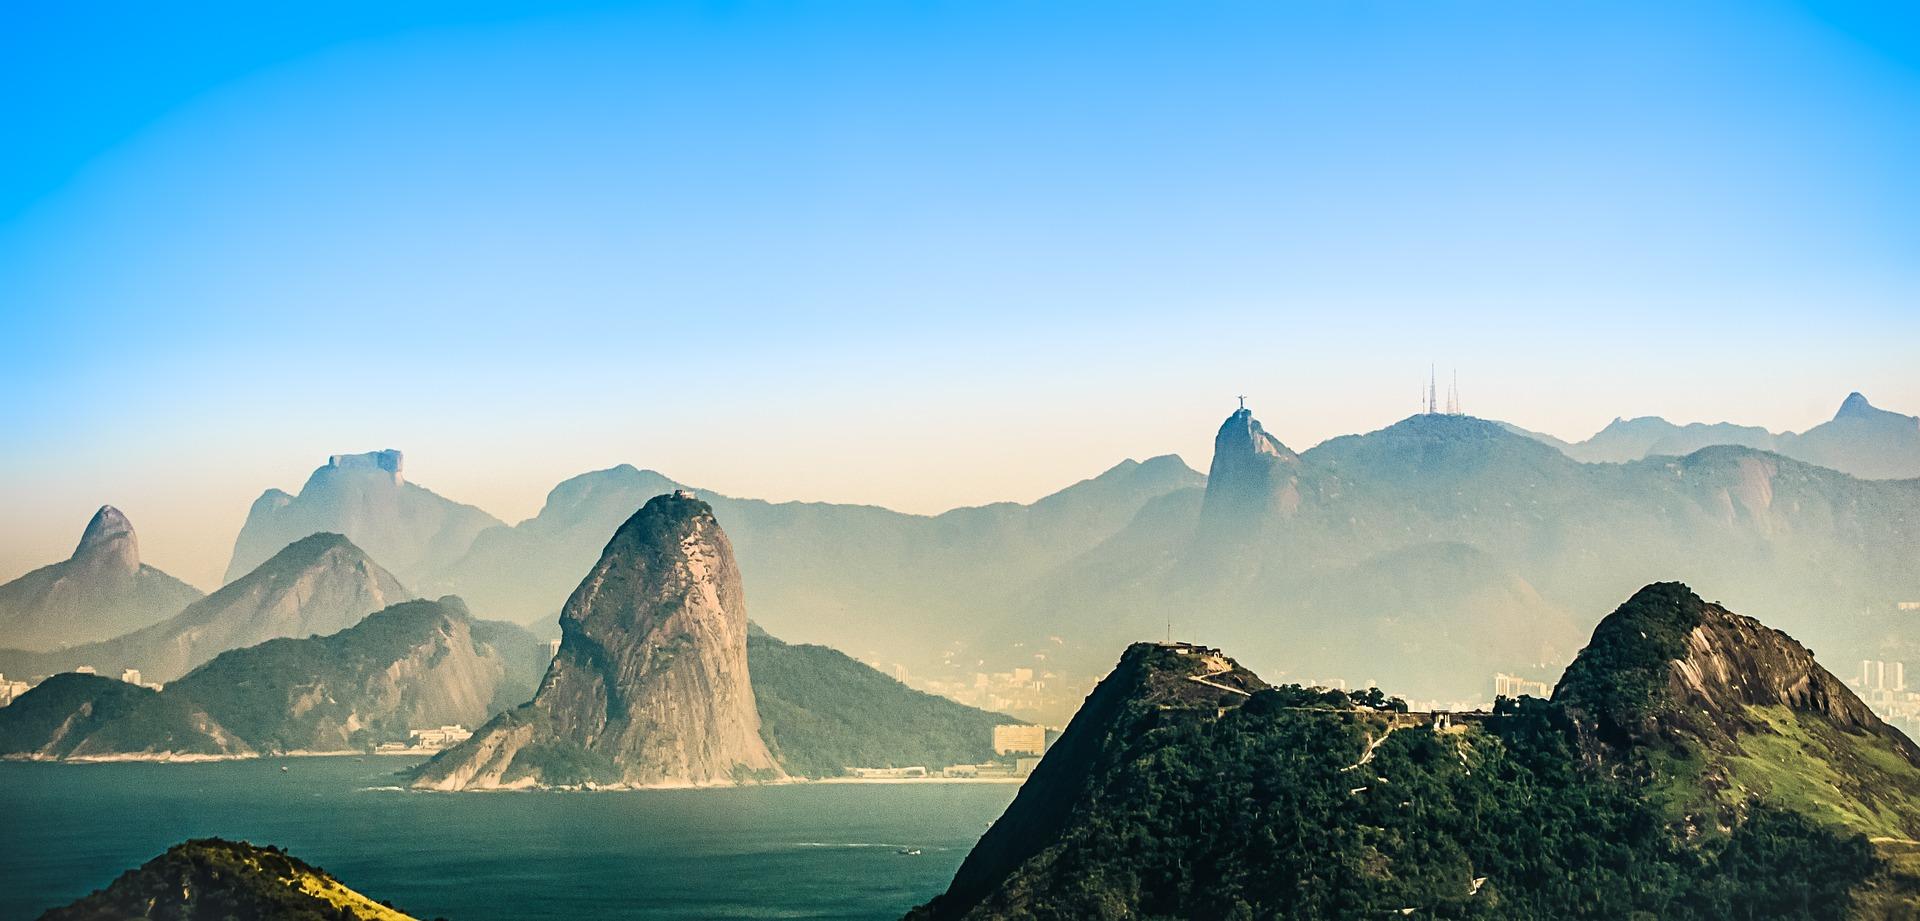 Vacanze Rio de janeiro, Brasile, Cristo Redentore, Giochi olimpici, Olimpiadi - Sfondi HD - Professor-falken.com